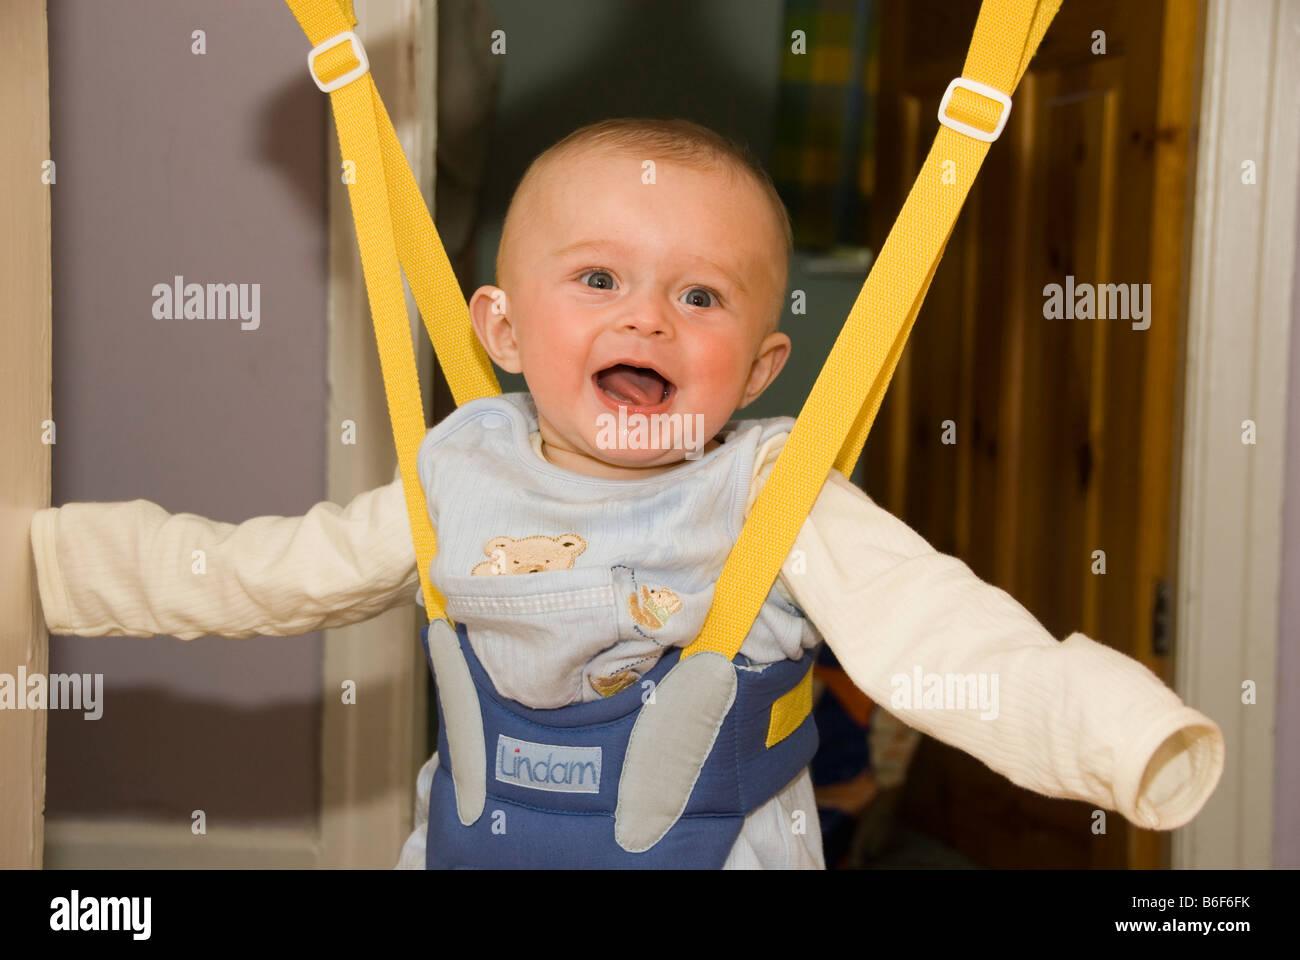 3f9e8dc37 Baby In Door Bouncer Stock Photos   Baby In Door Bouncer Stock ...